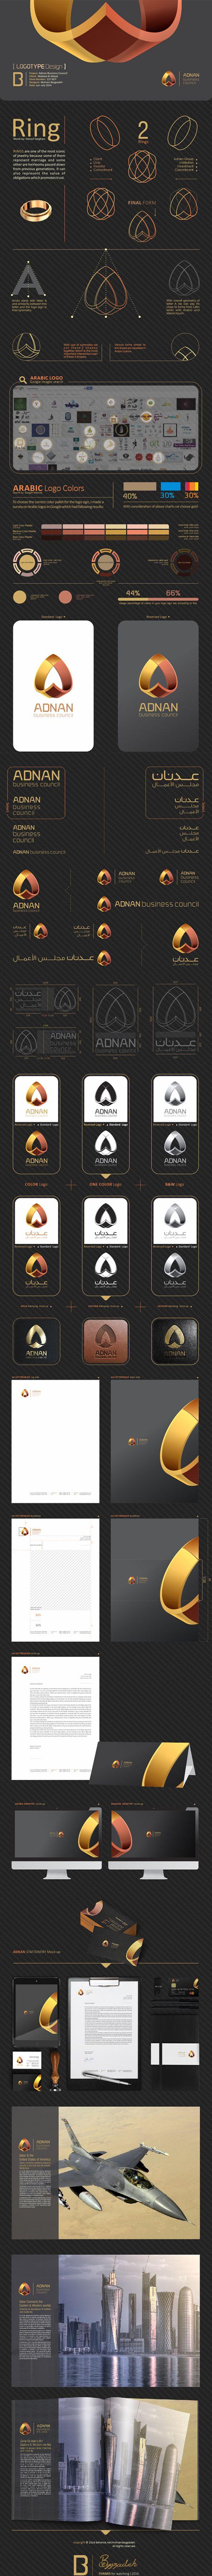 ADNAN Business Council [ Logo Design ] by Mohsen Beygzadeh, via Behance